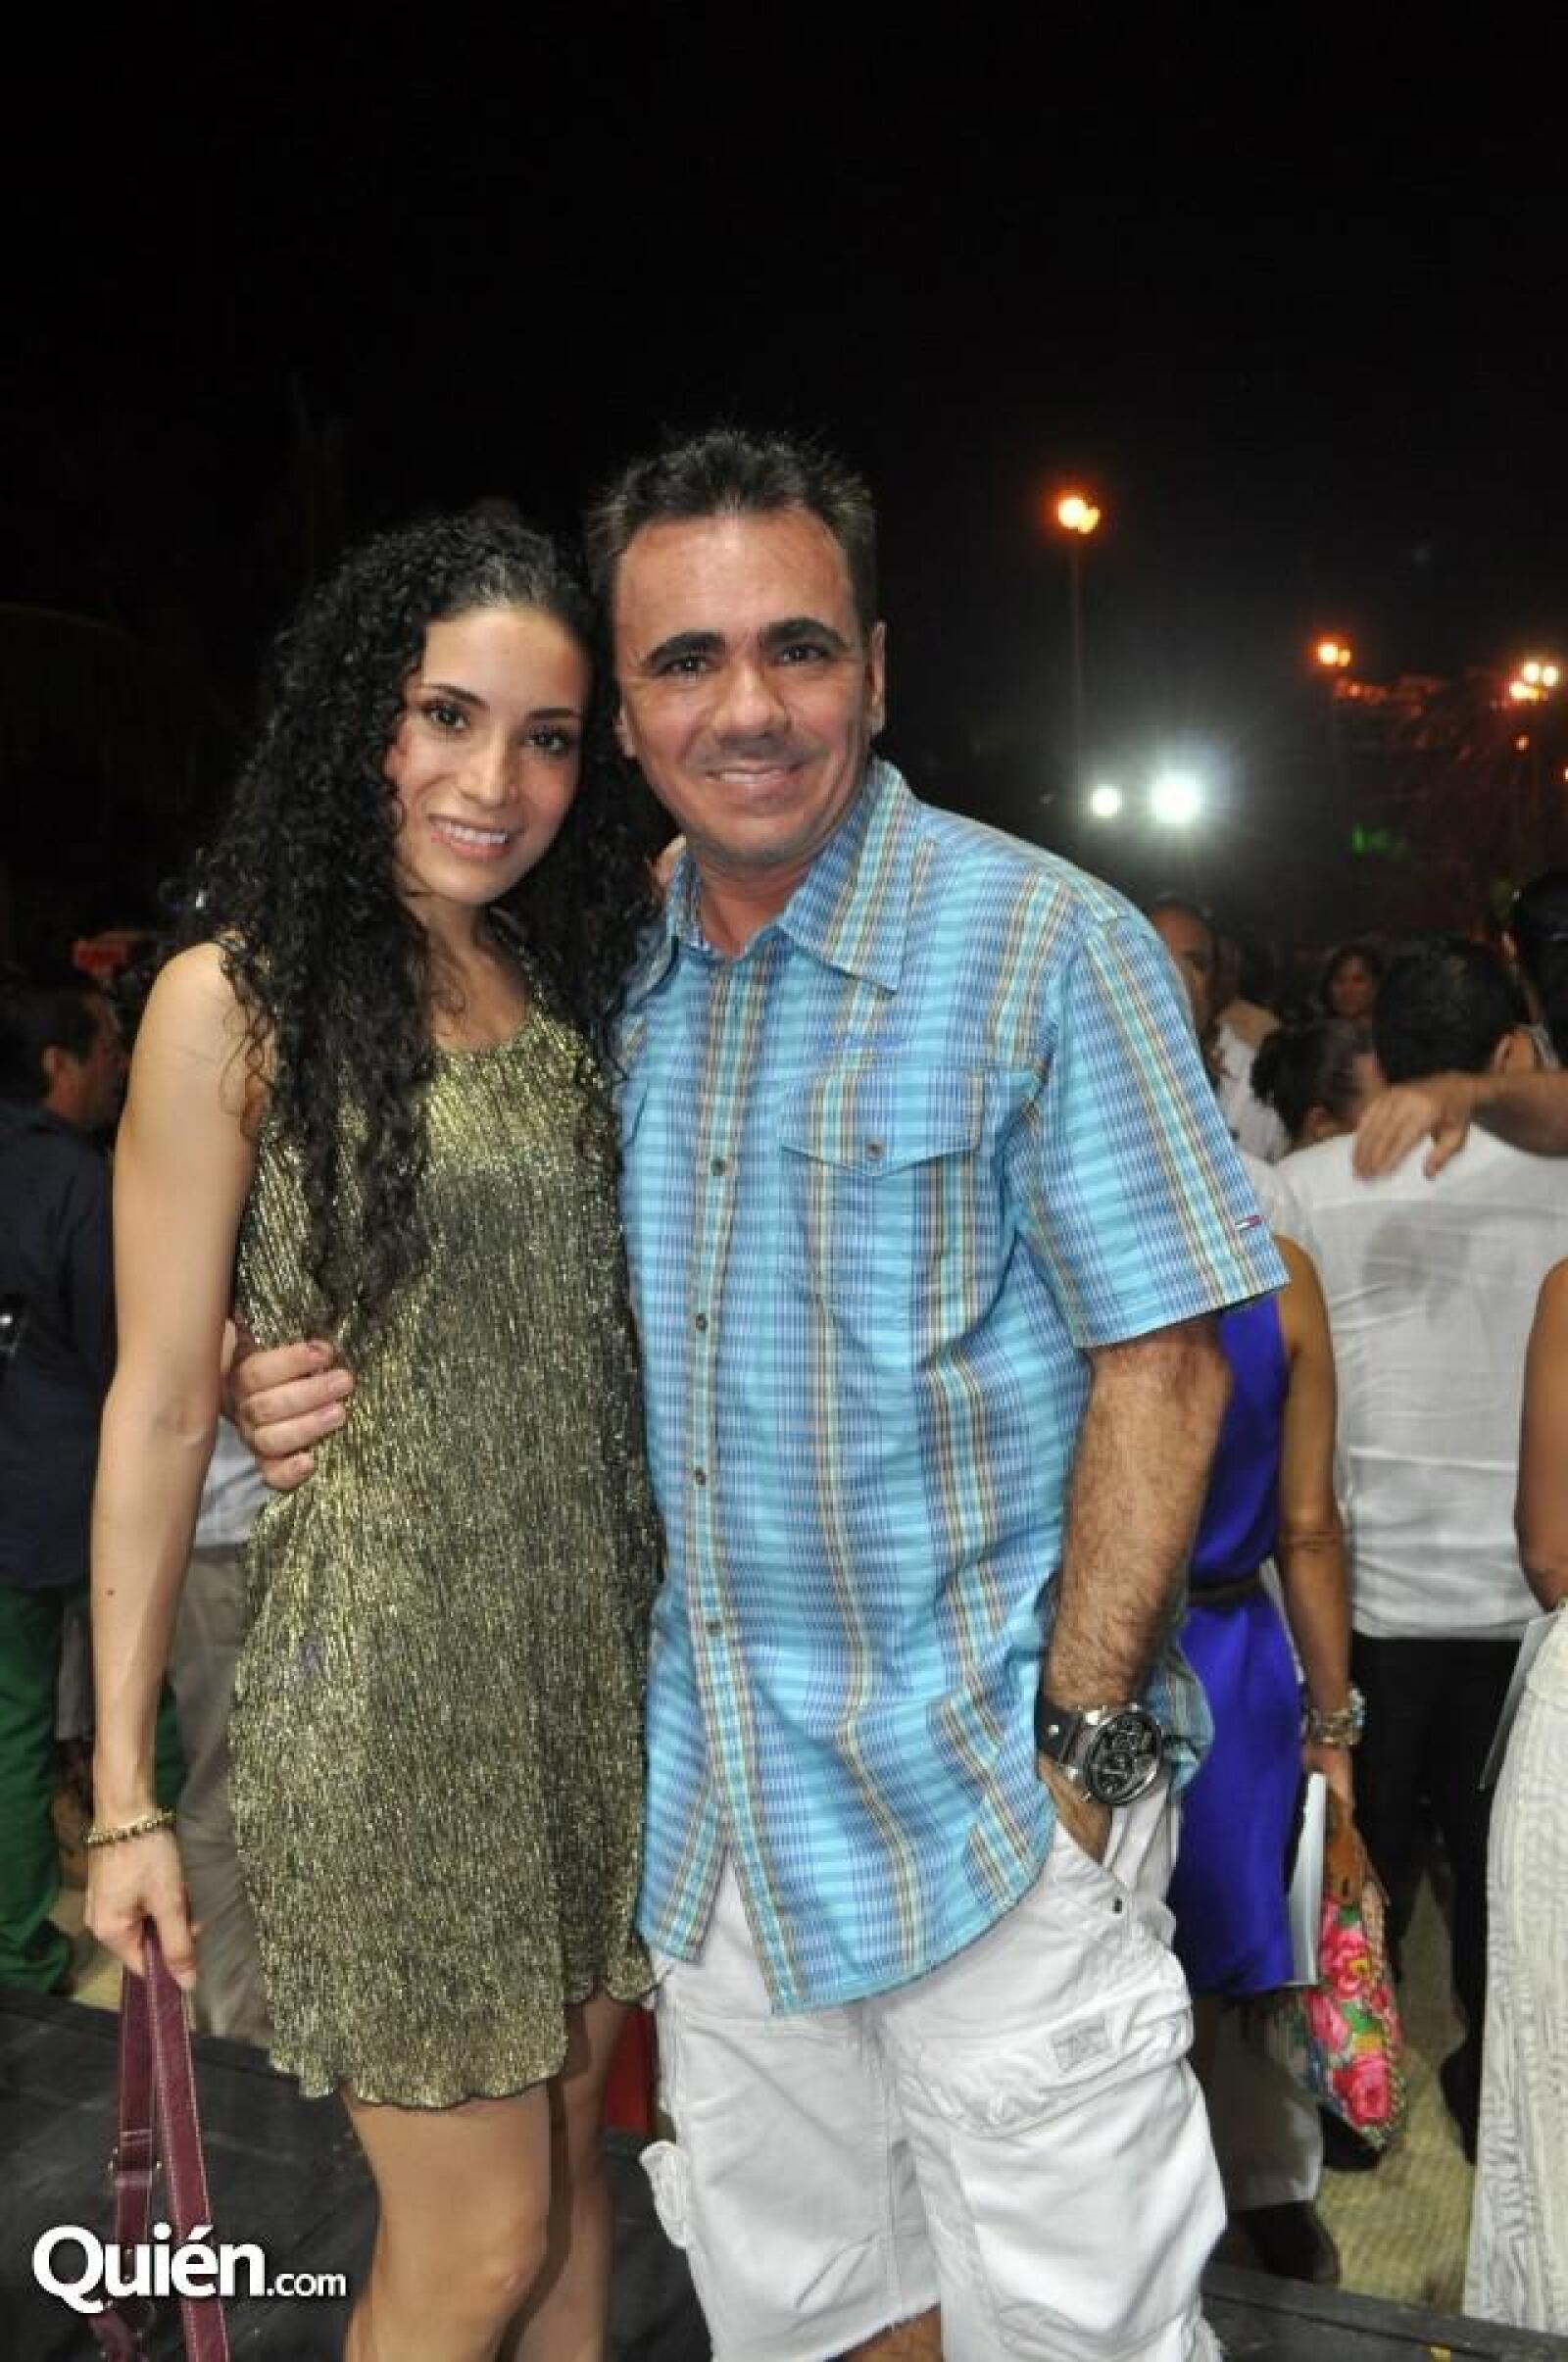 Gerardo Quiroz y Saitza Santini.